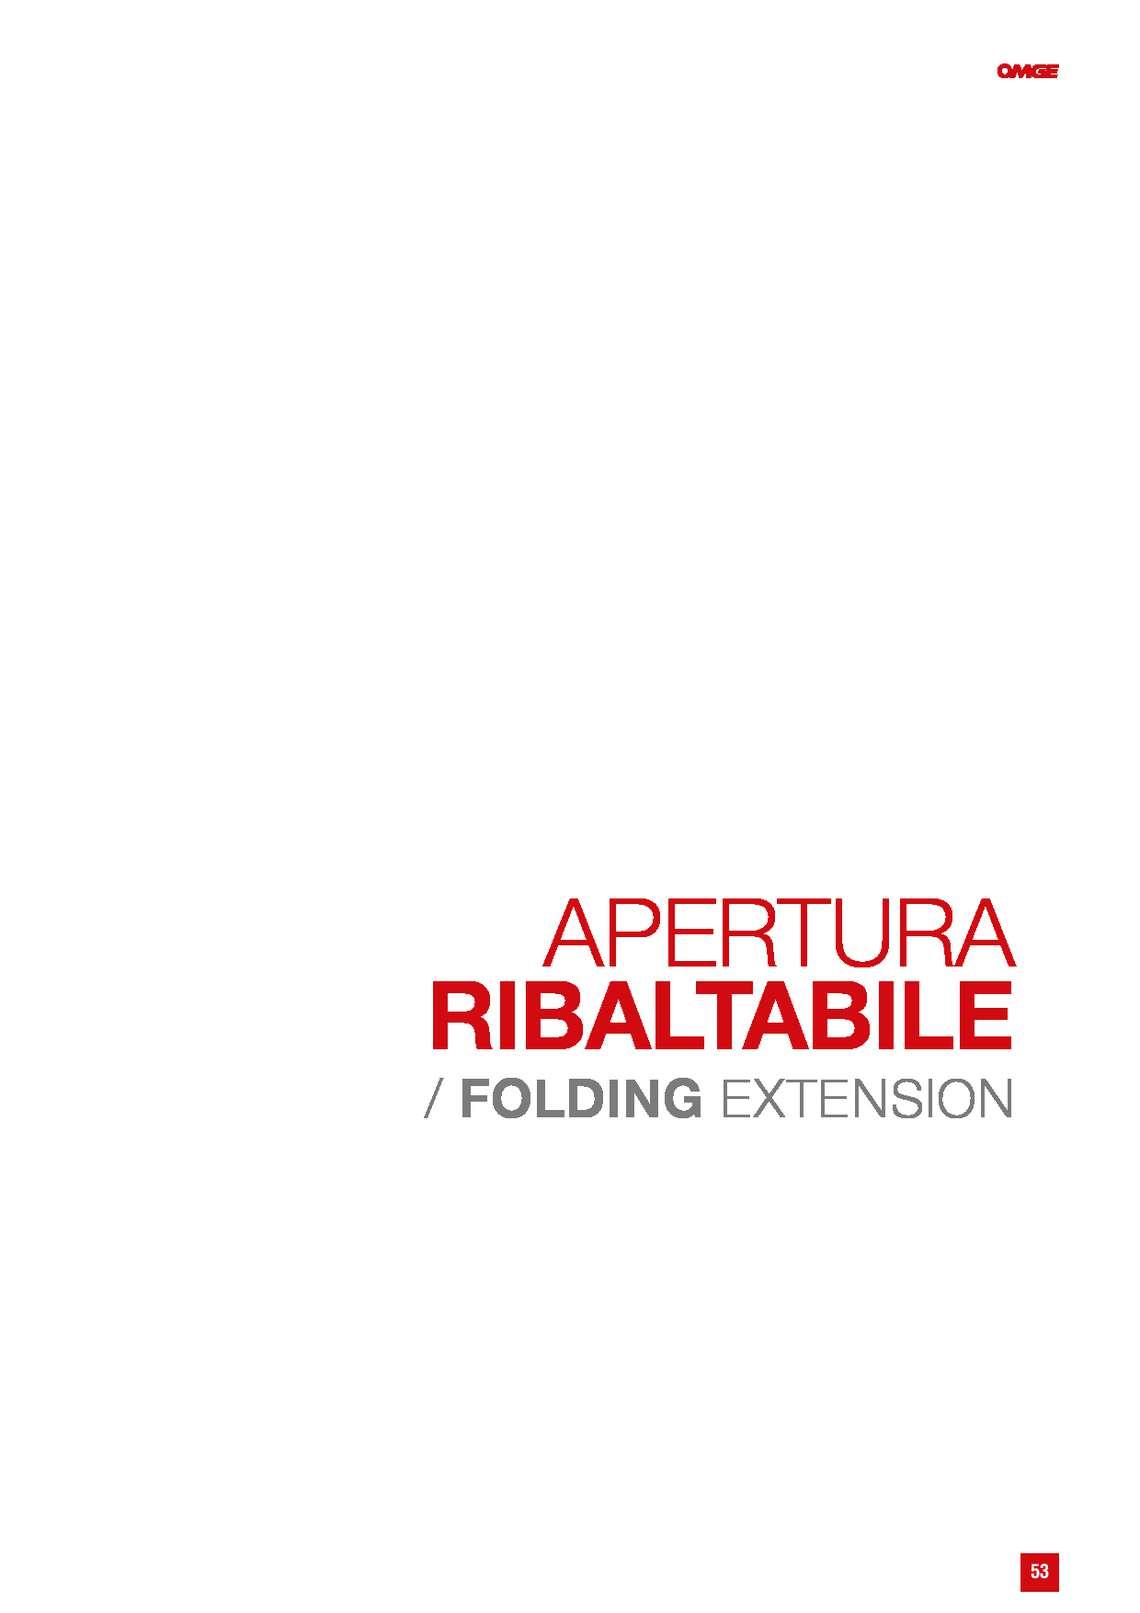 guide-per-allungamento-tavoli_163_052.jpg